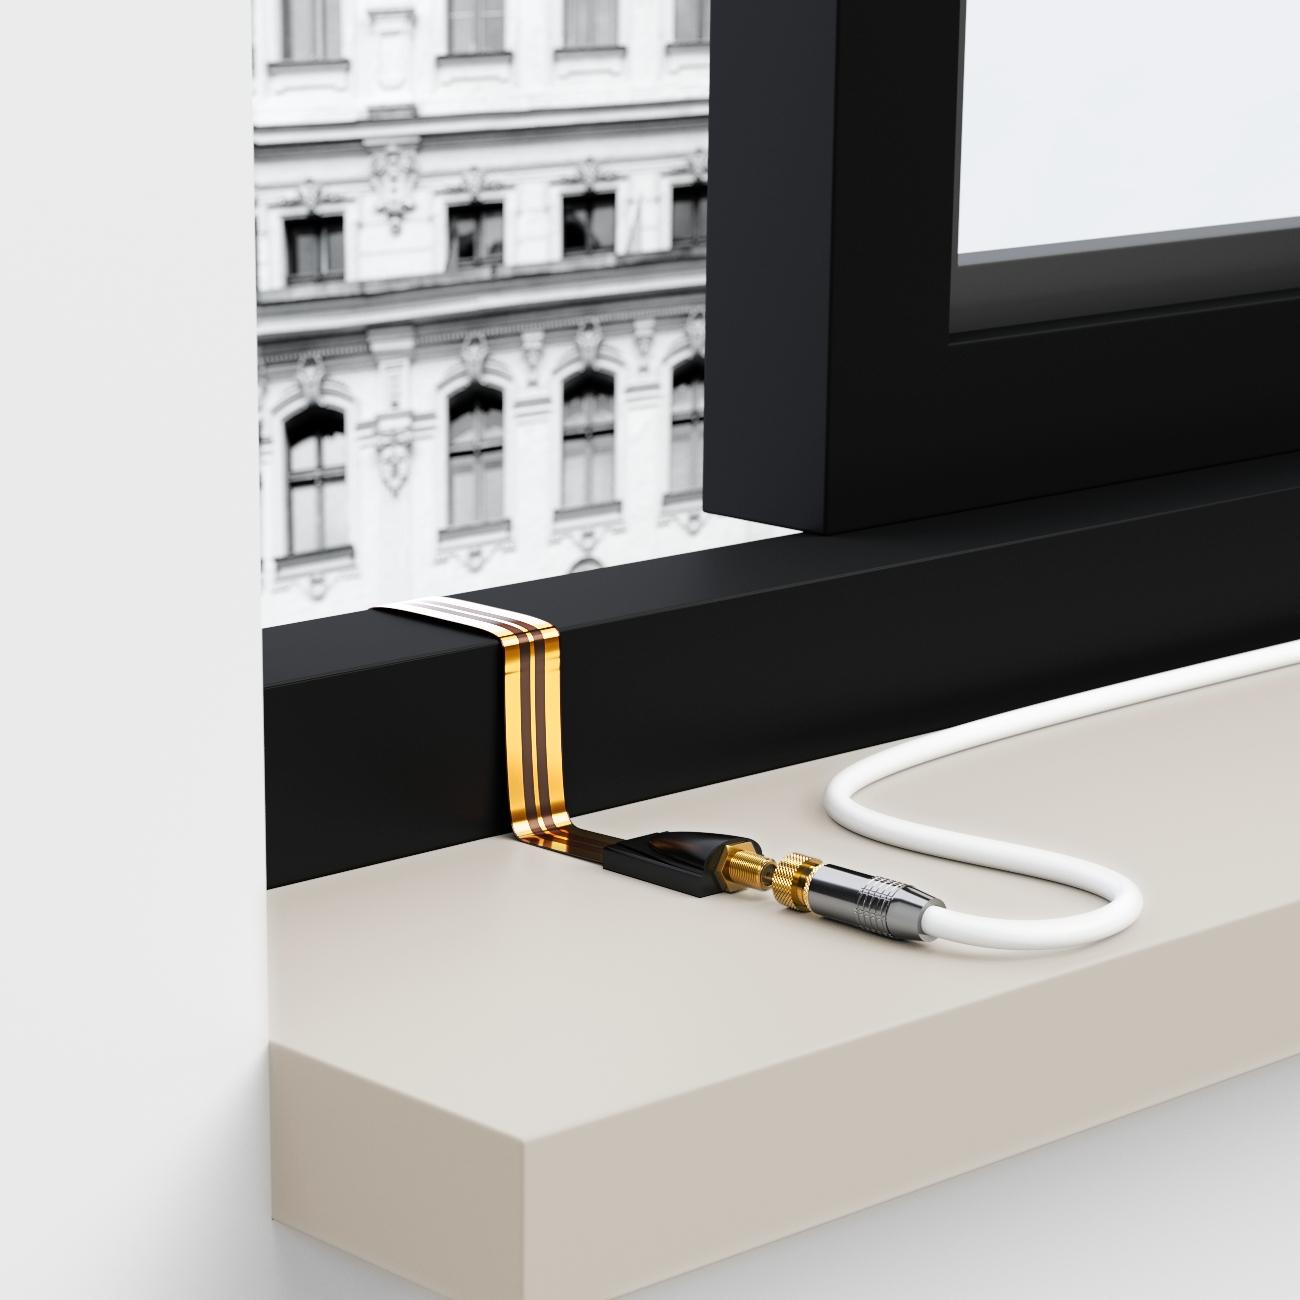 deleycon 5x sat fensterdurchf hrung flachkabel sat kabel hd fenster durchf hrung ebay. Black Bedroom Furniture Sets. Home Design Ideas